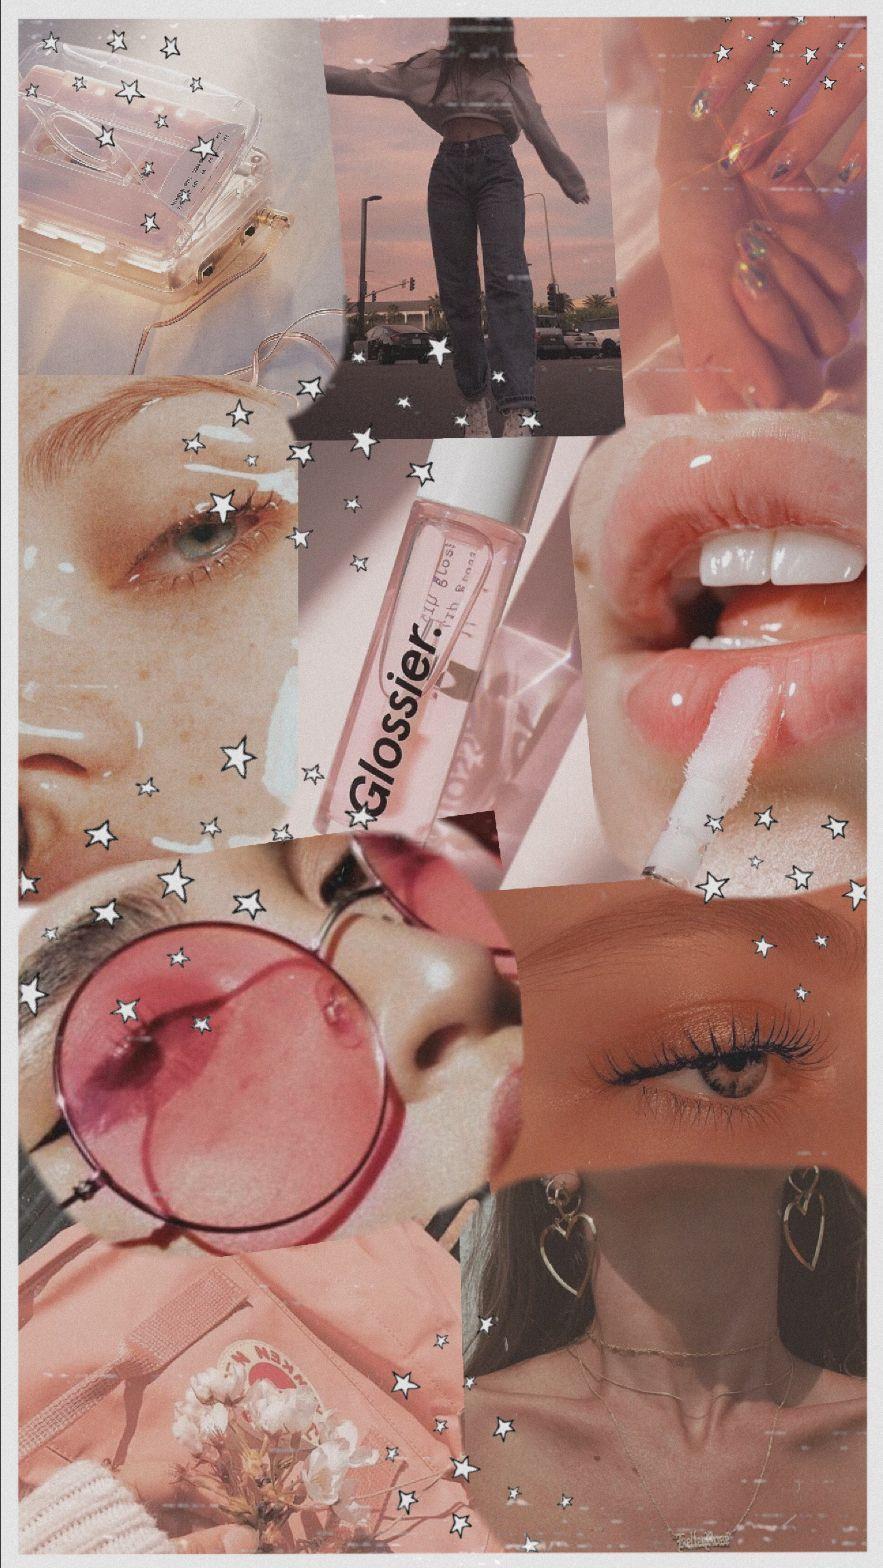 Glossier Beauty Aesthetic Beauty Mood Board Aesthetic